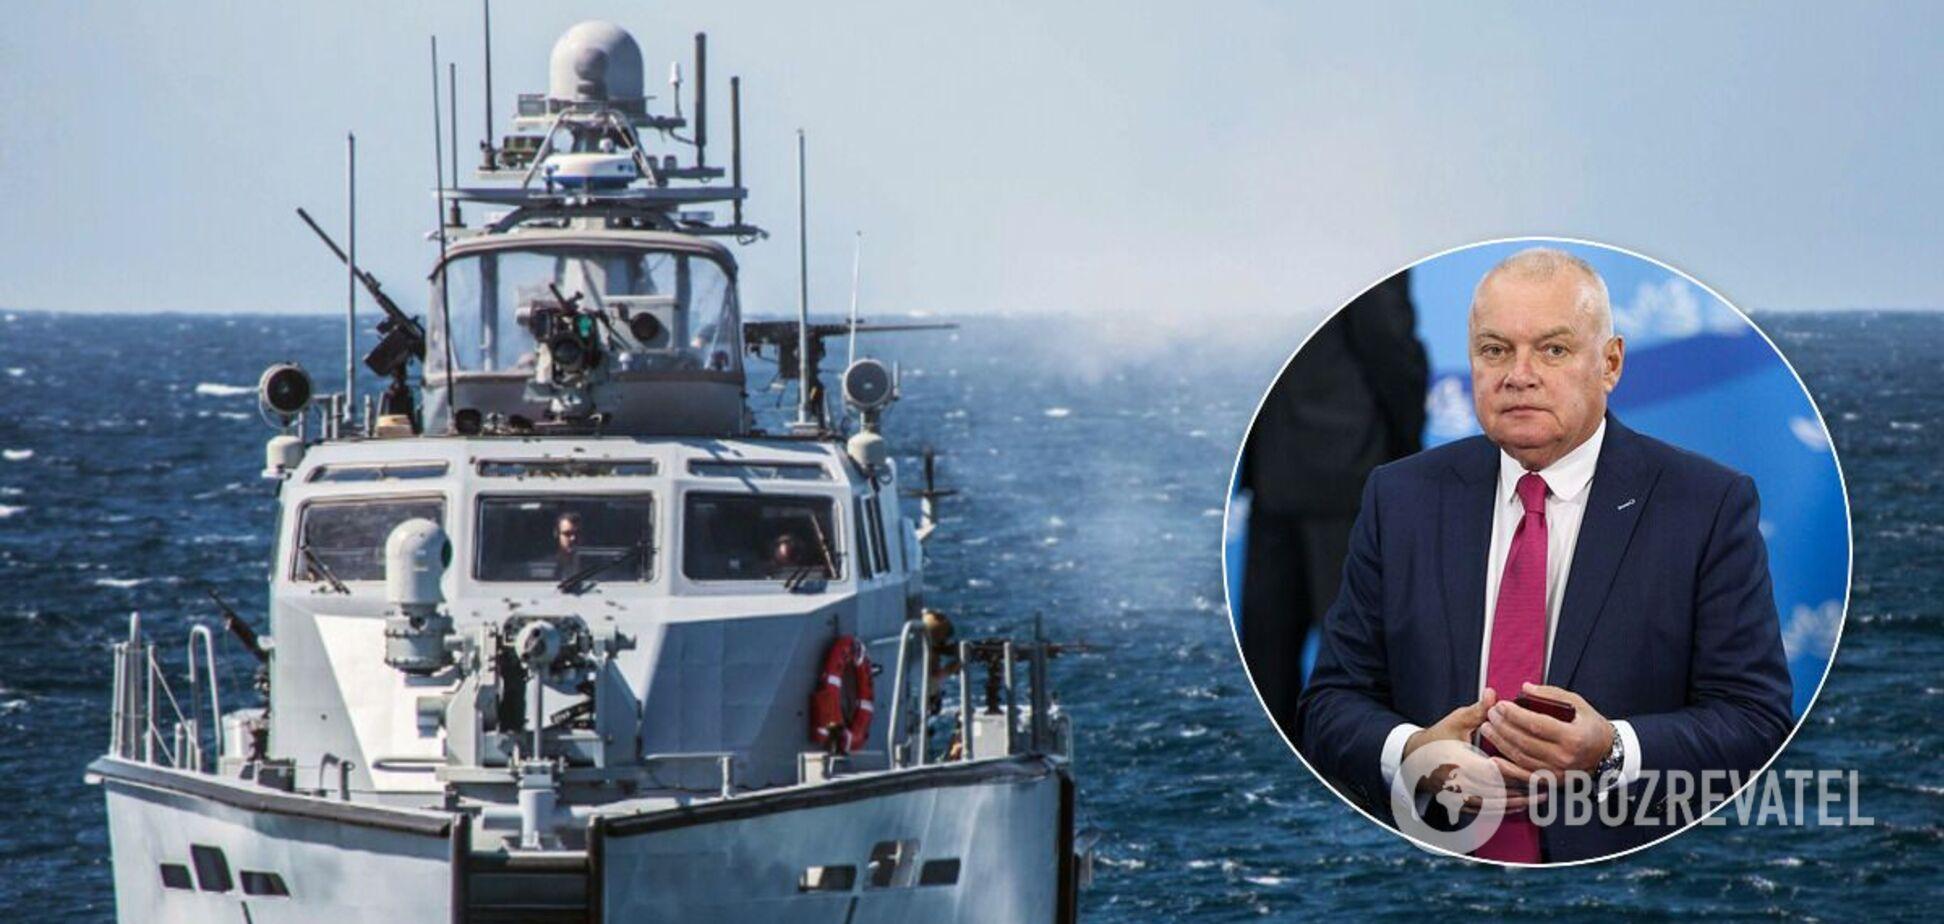 Кисельов заявив про будівництво військово-морської бази в Сєвєродонецьку, який не має виходу до моря